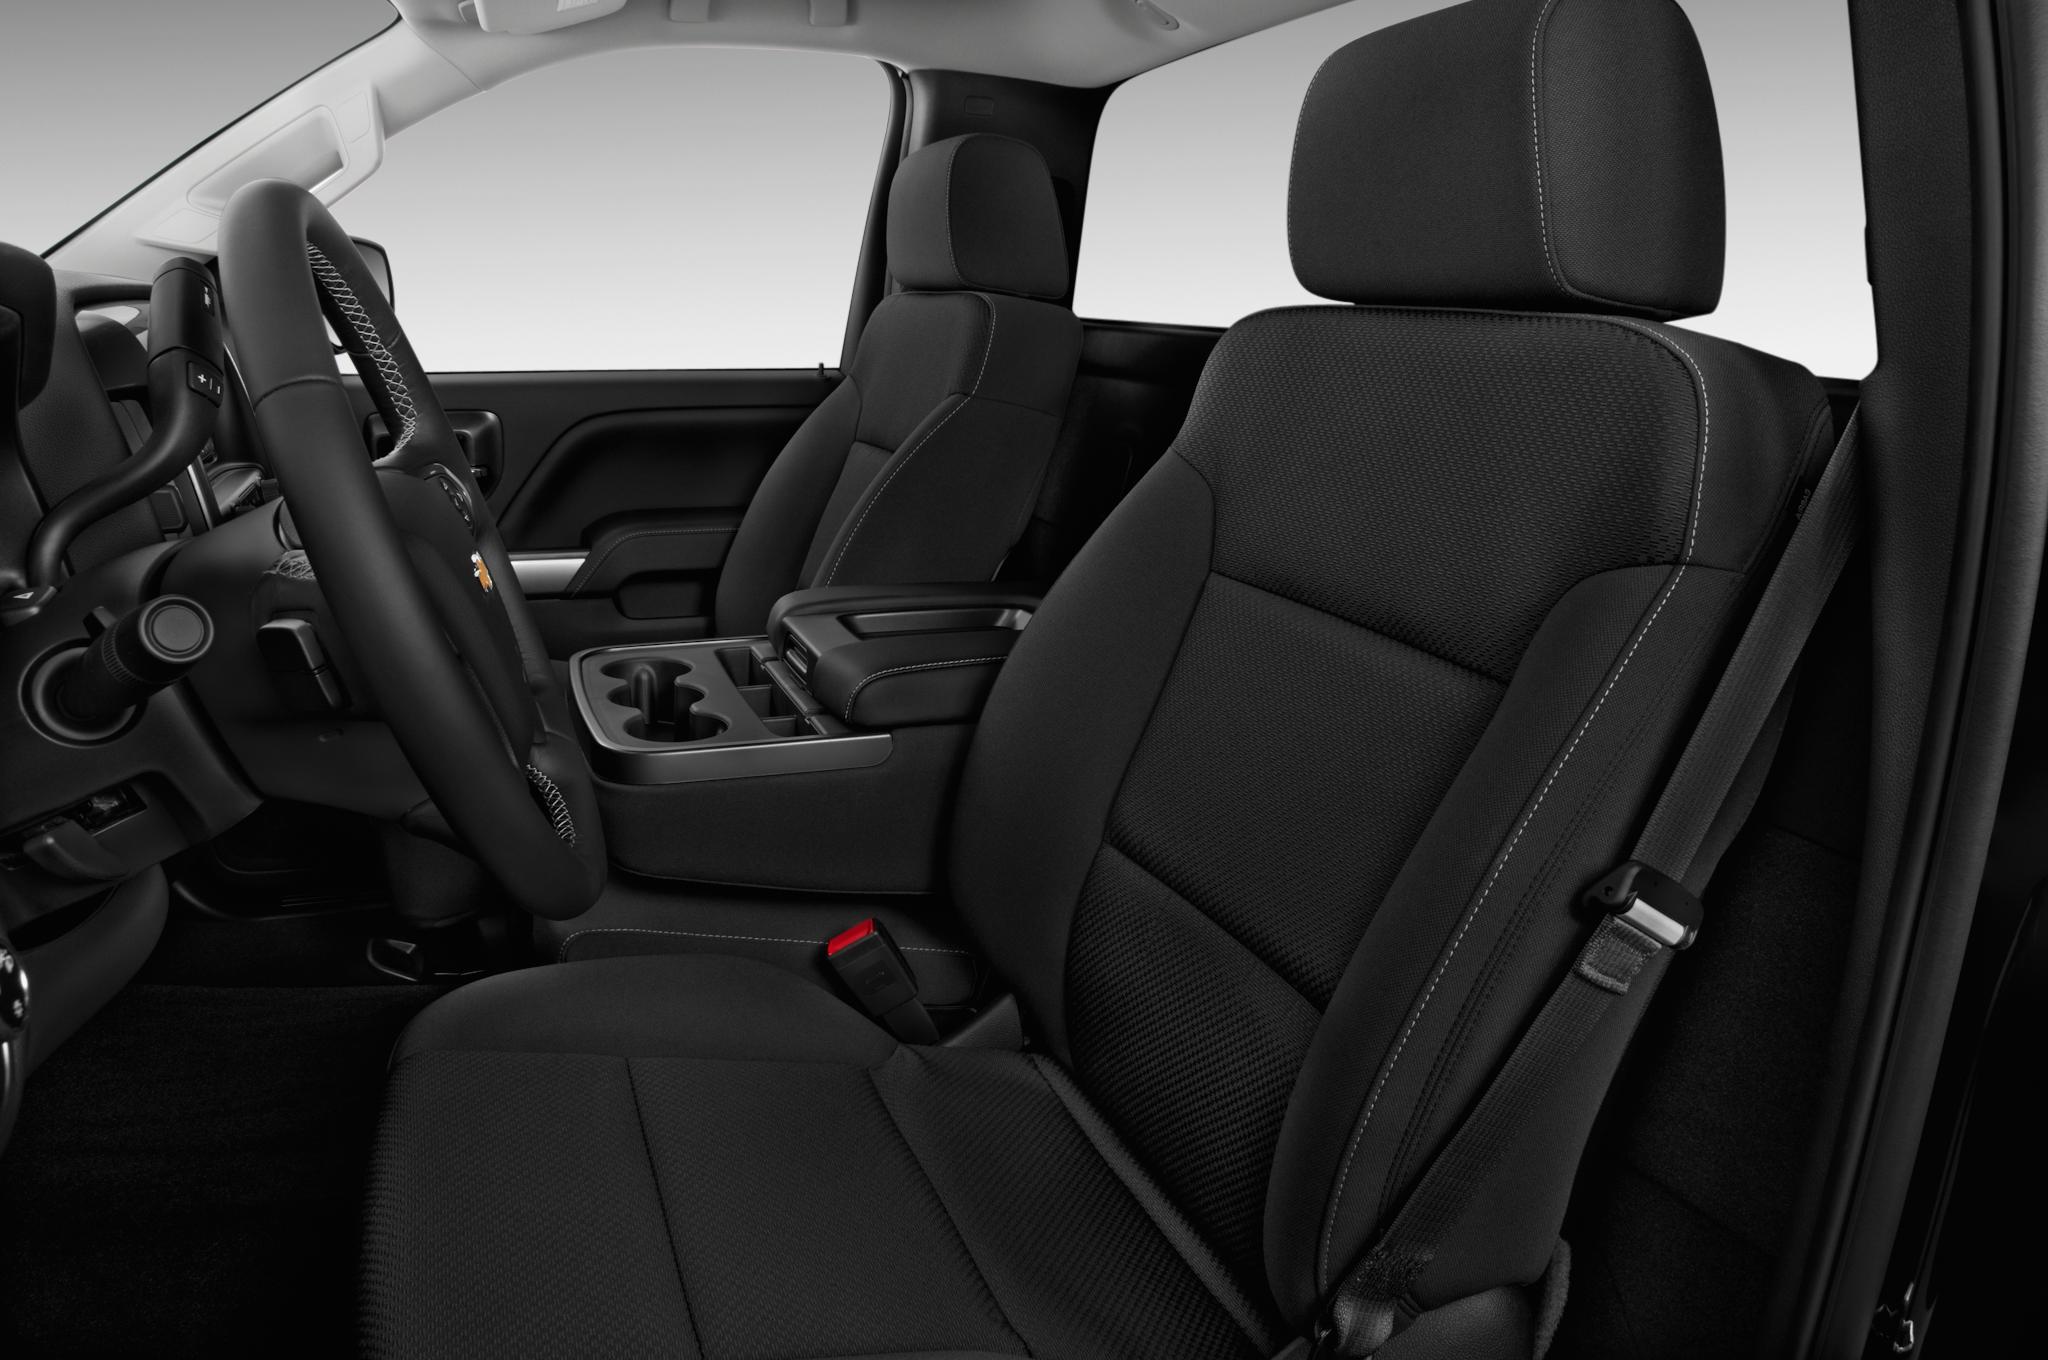 2016 Chevrolet Silverado Gmc Sierra Add Eassist Hybrid Automobile